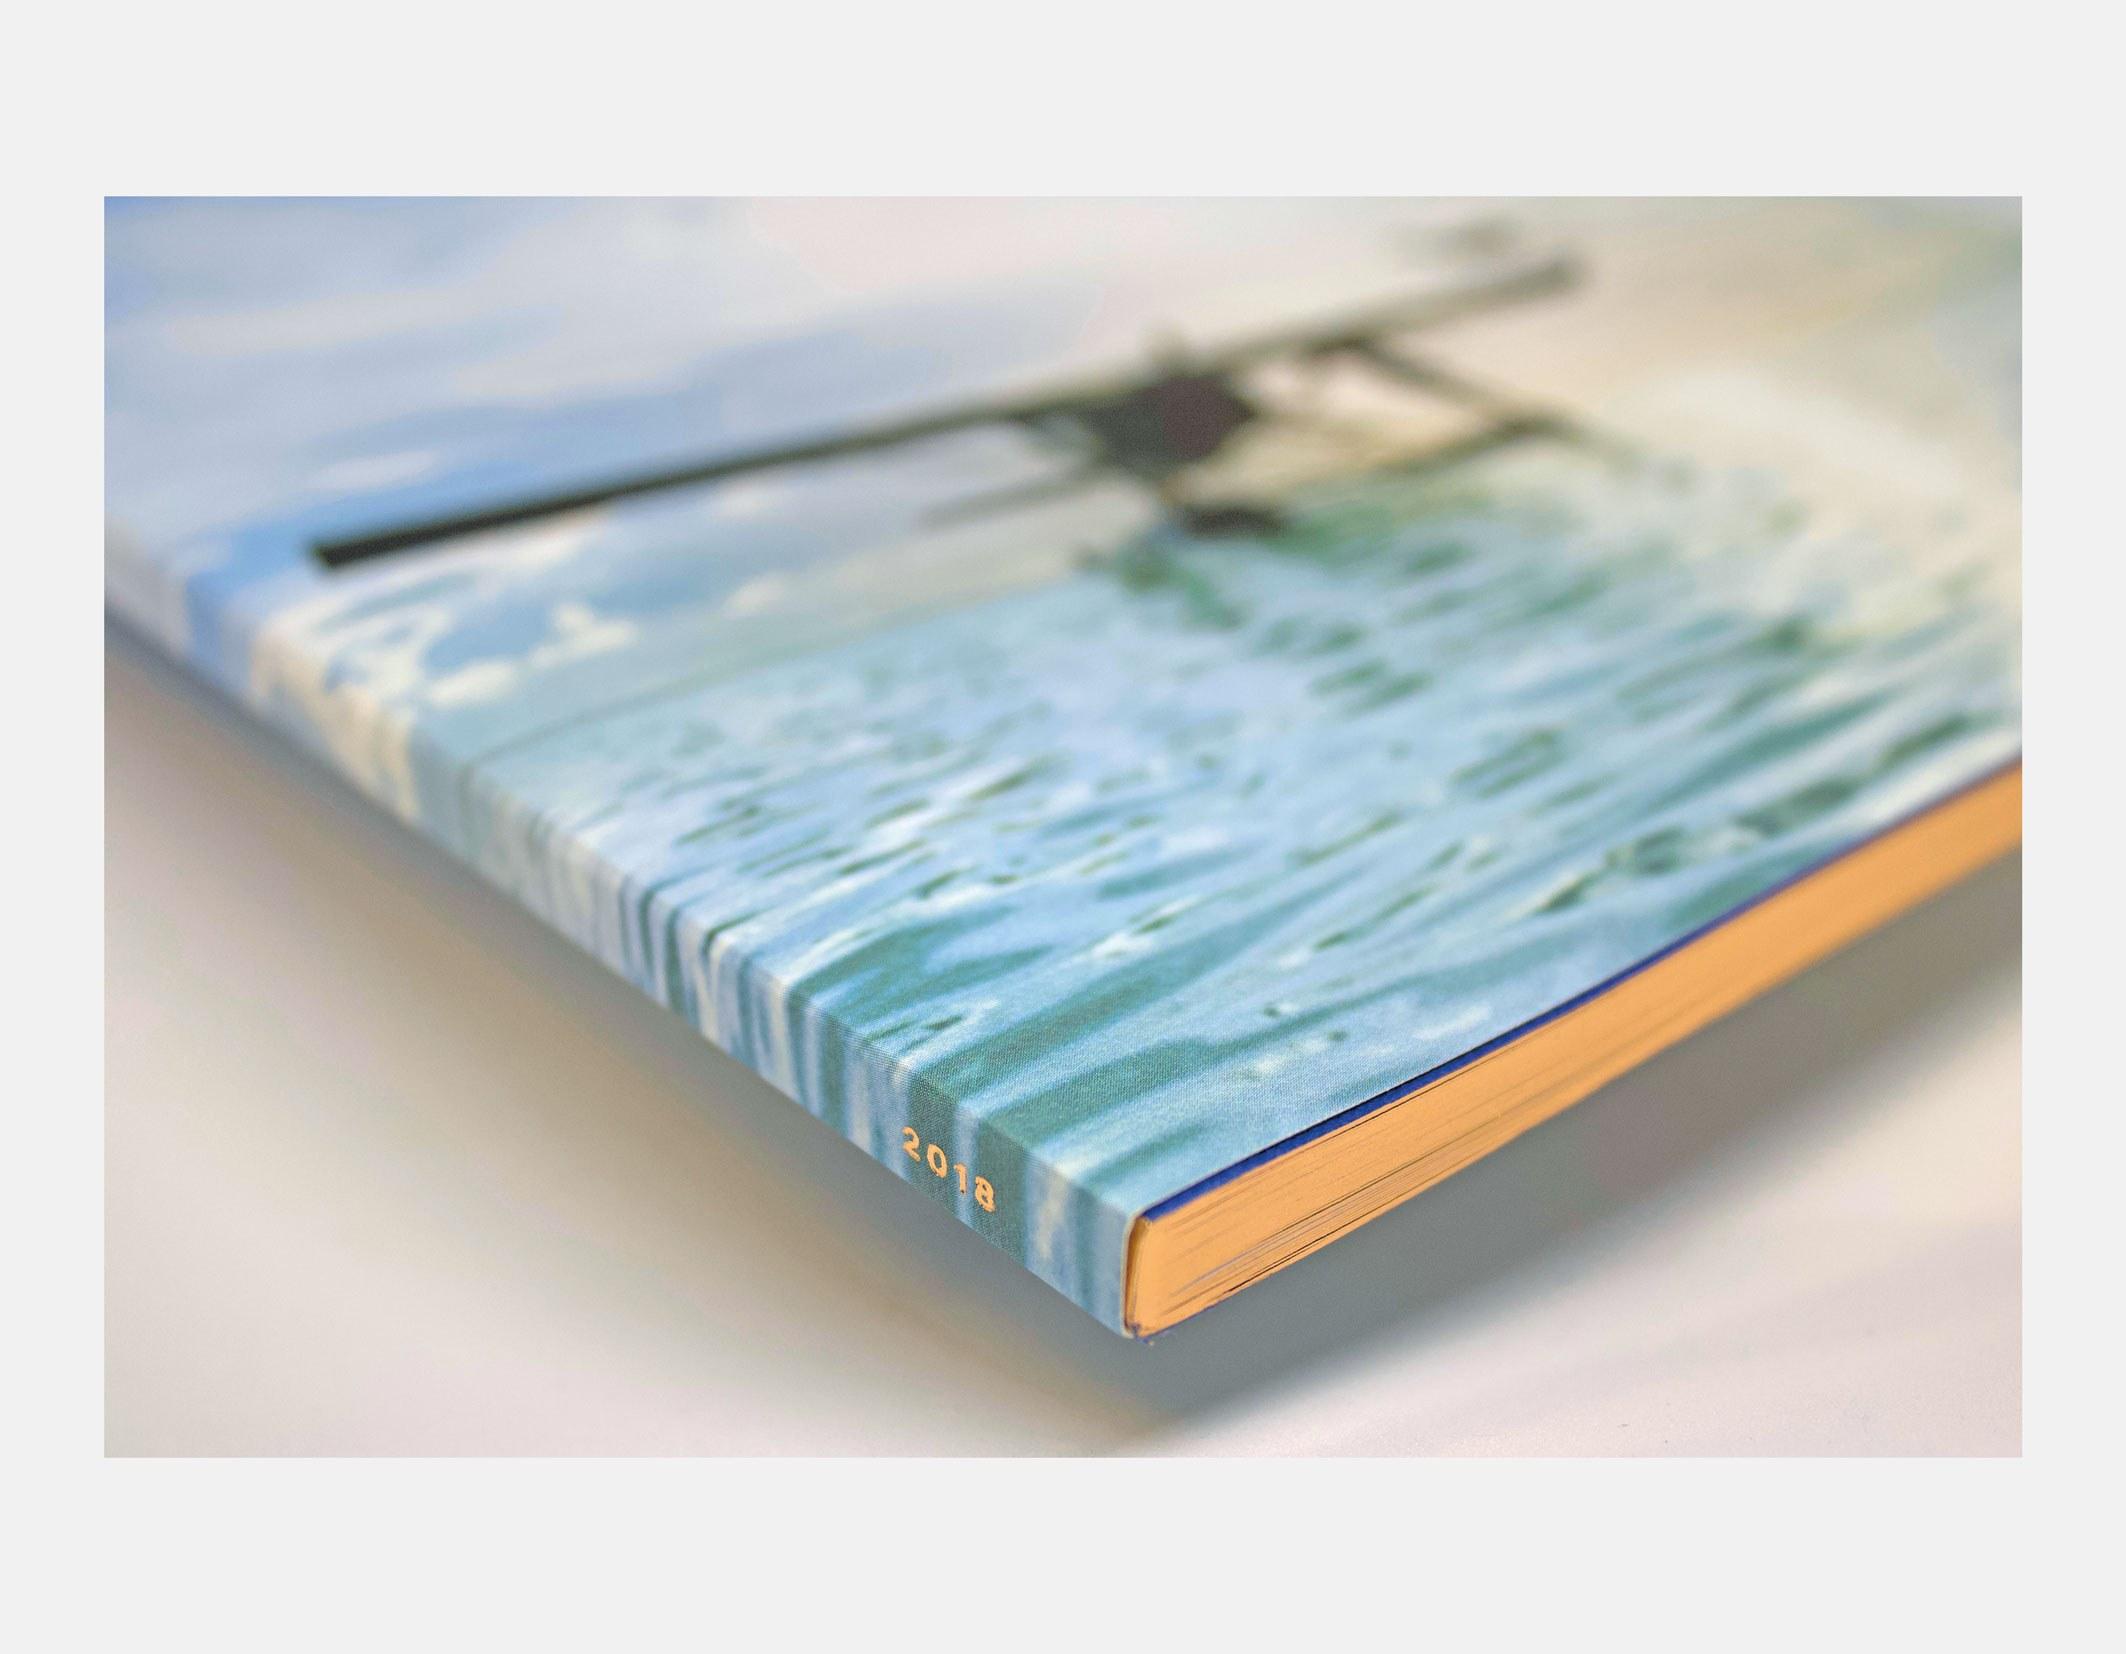 Book-Photo.jpg